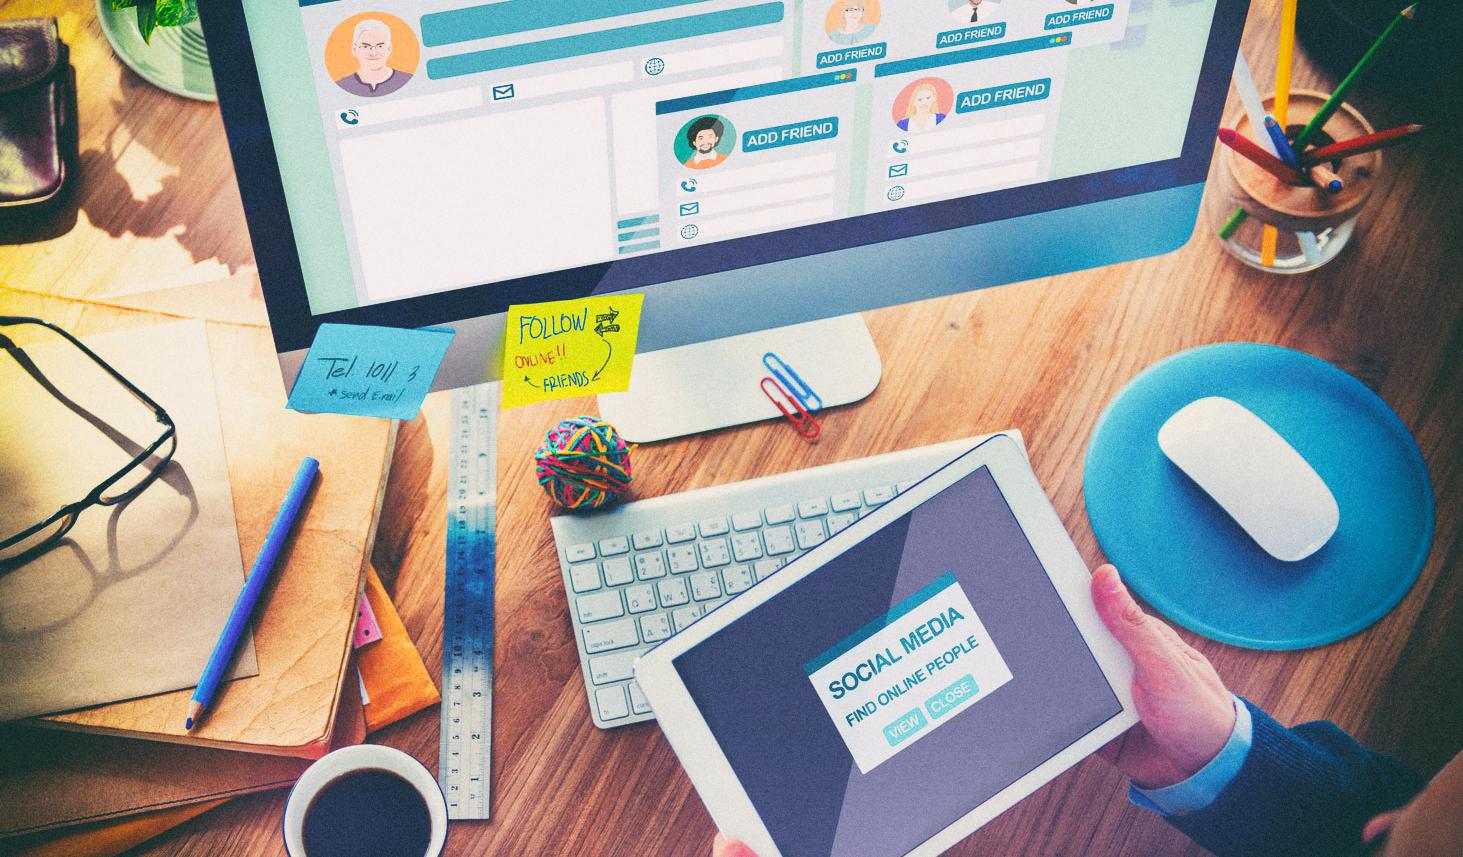 Социальные сети как вариант онлайн досуга: плюсы и минусы